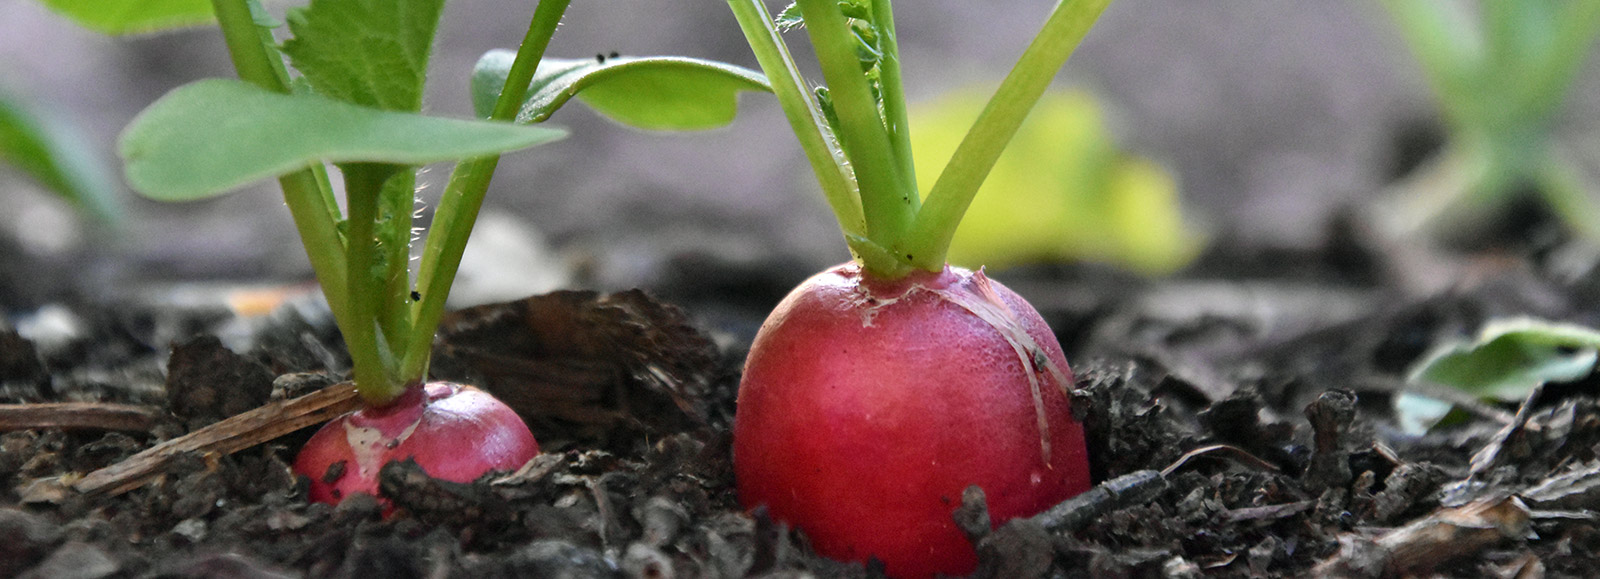 organic-radishes.jpg